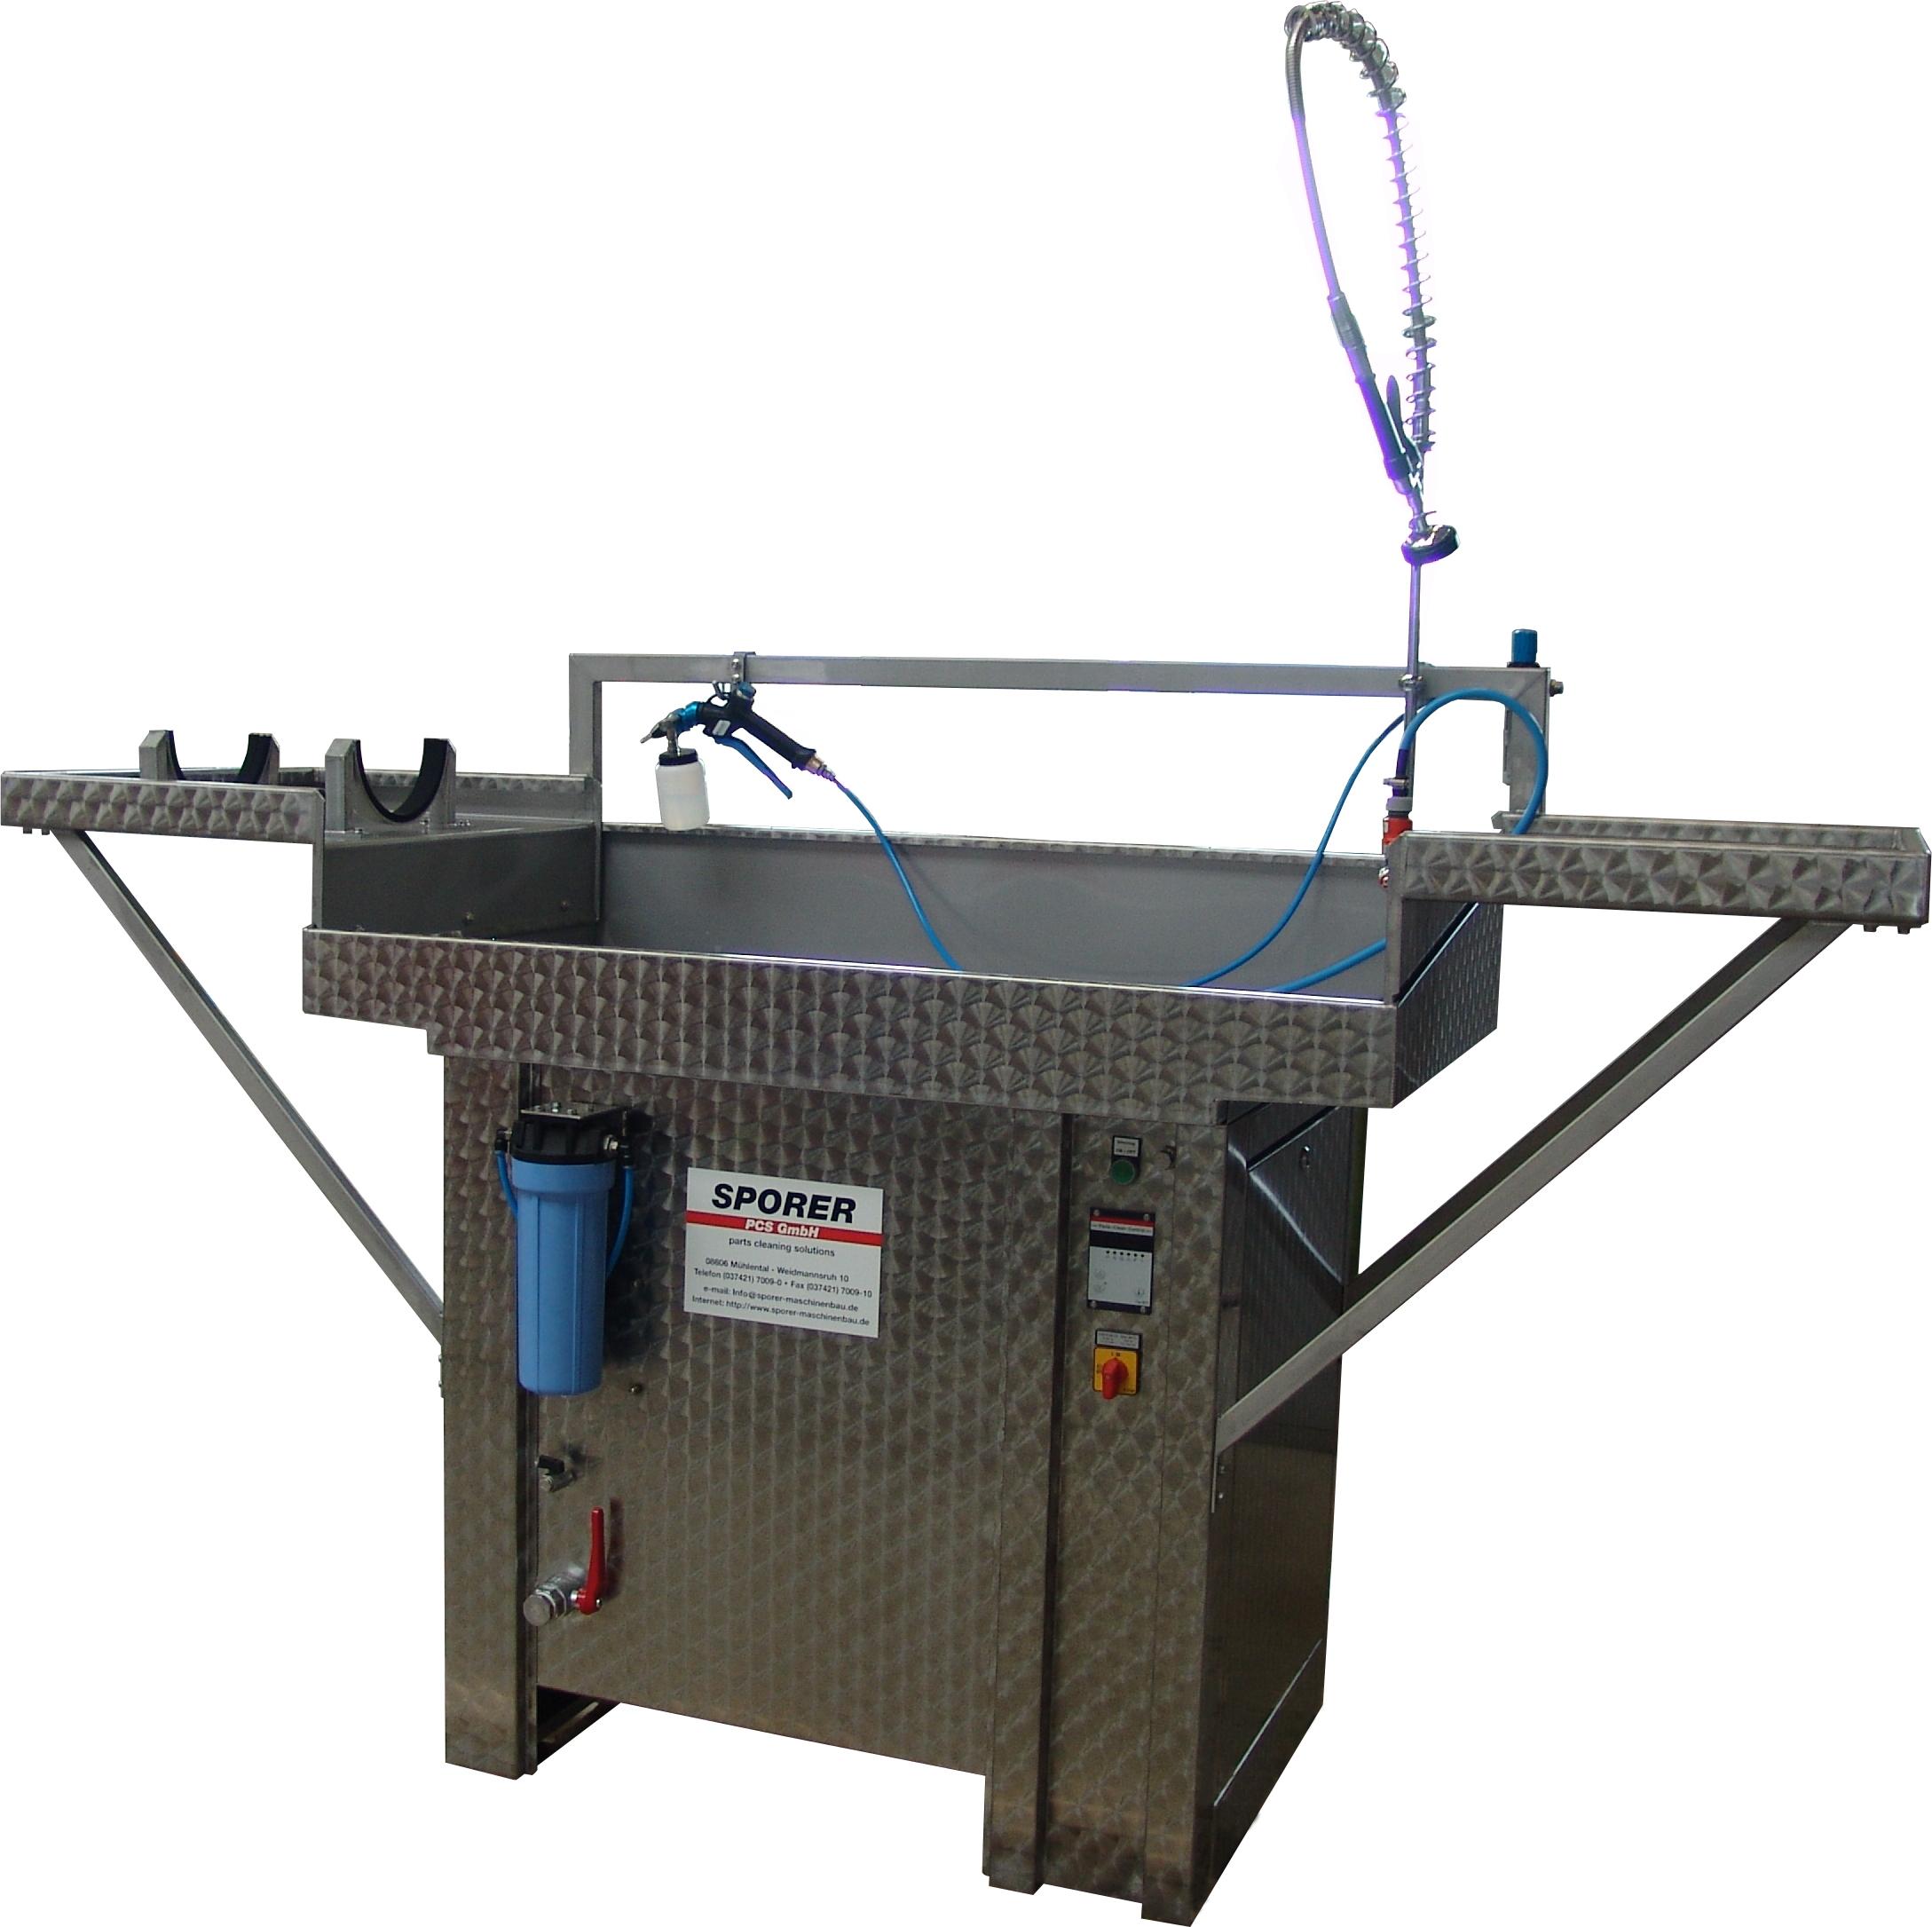 Sonder-Pinselwaschtisch für additiv gefertigte Bauteile